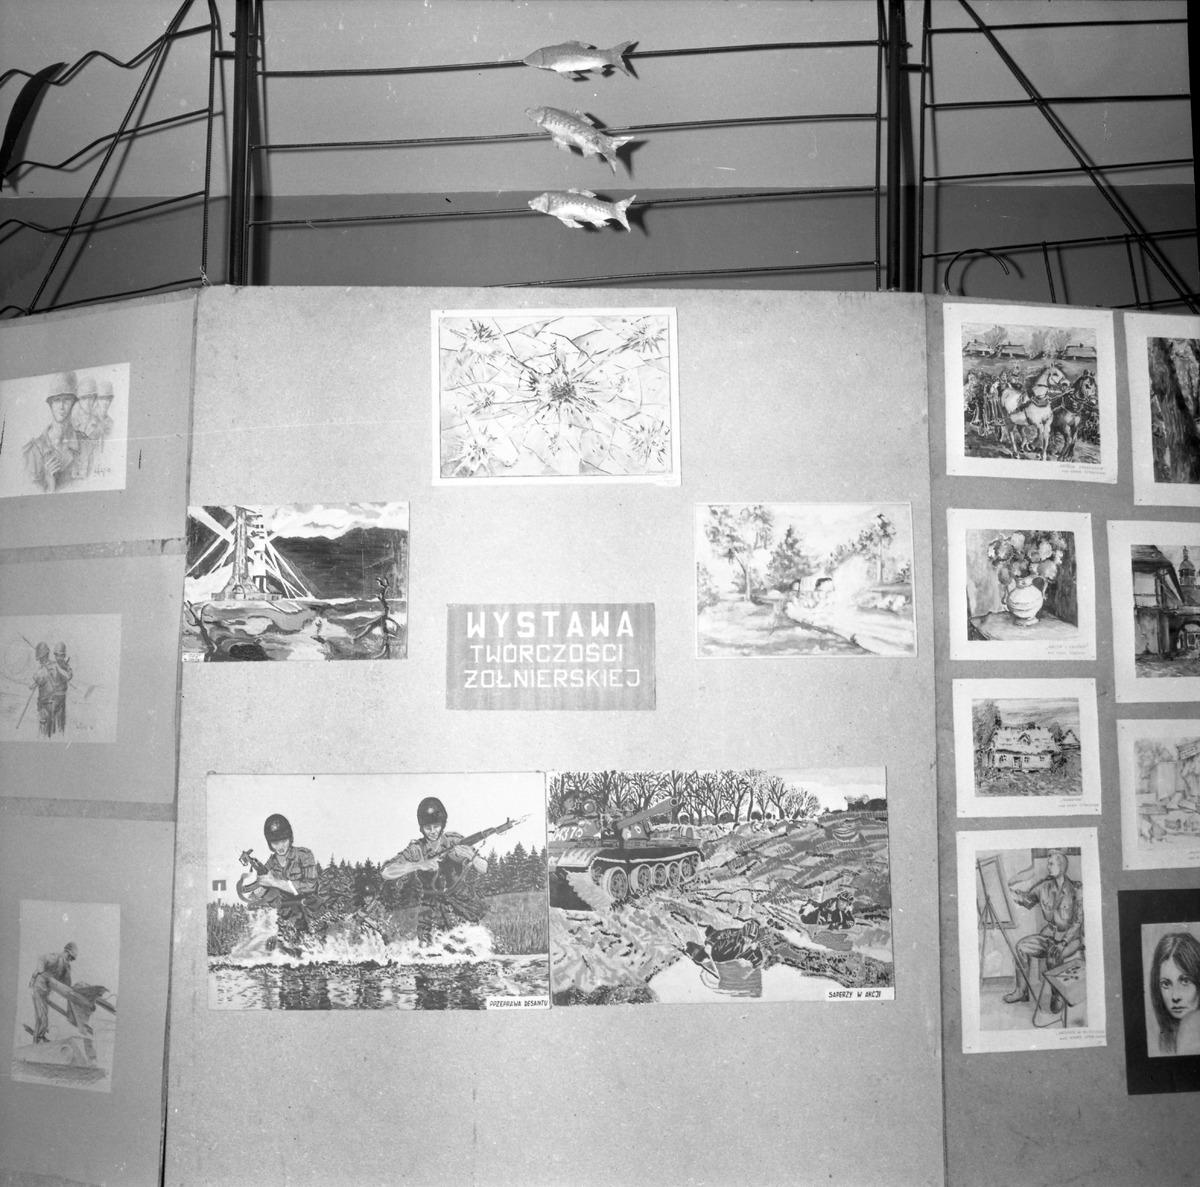 Wystawa twórczości żołnierskiej, 1978 r.